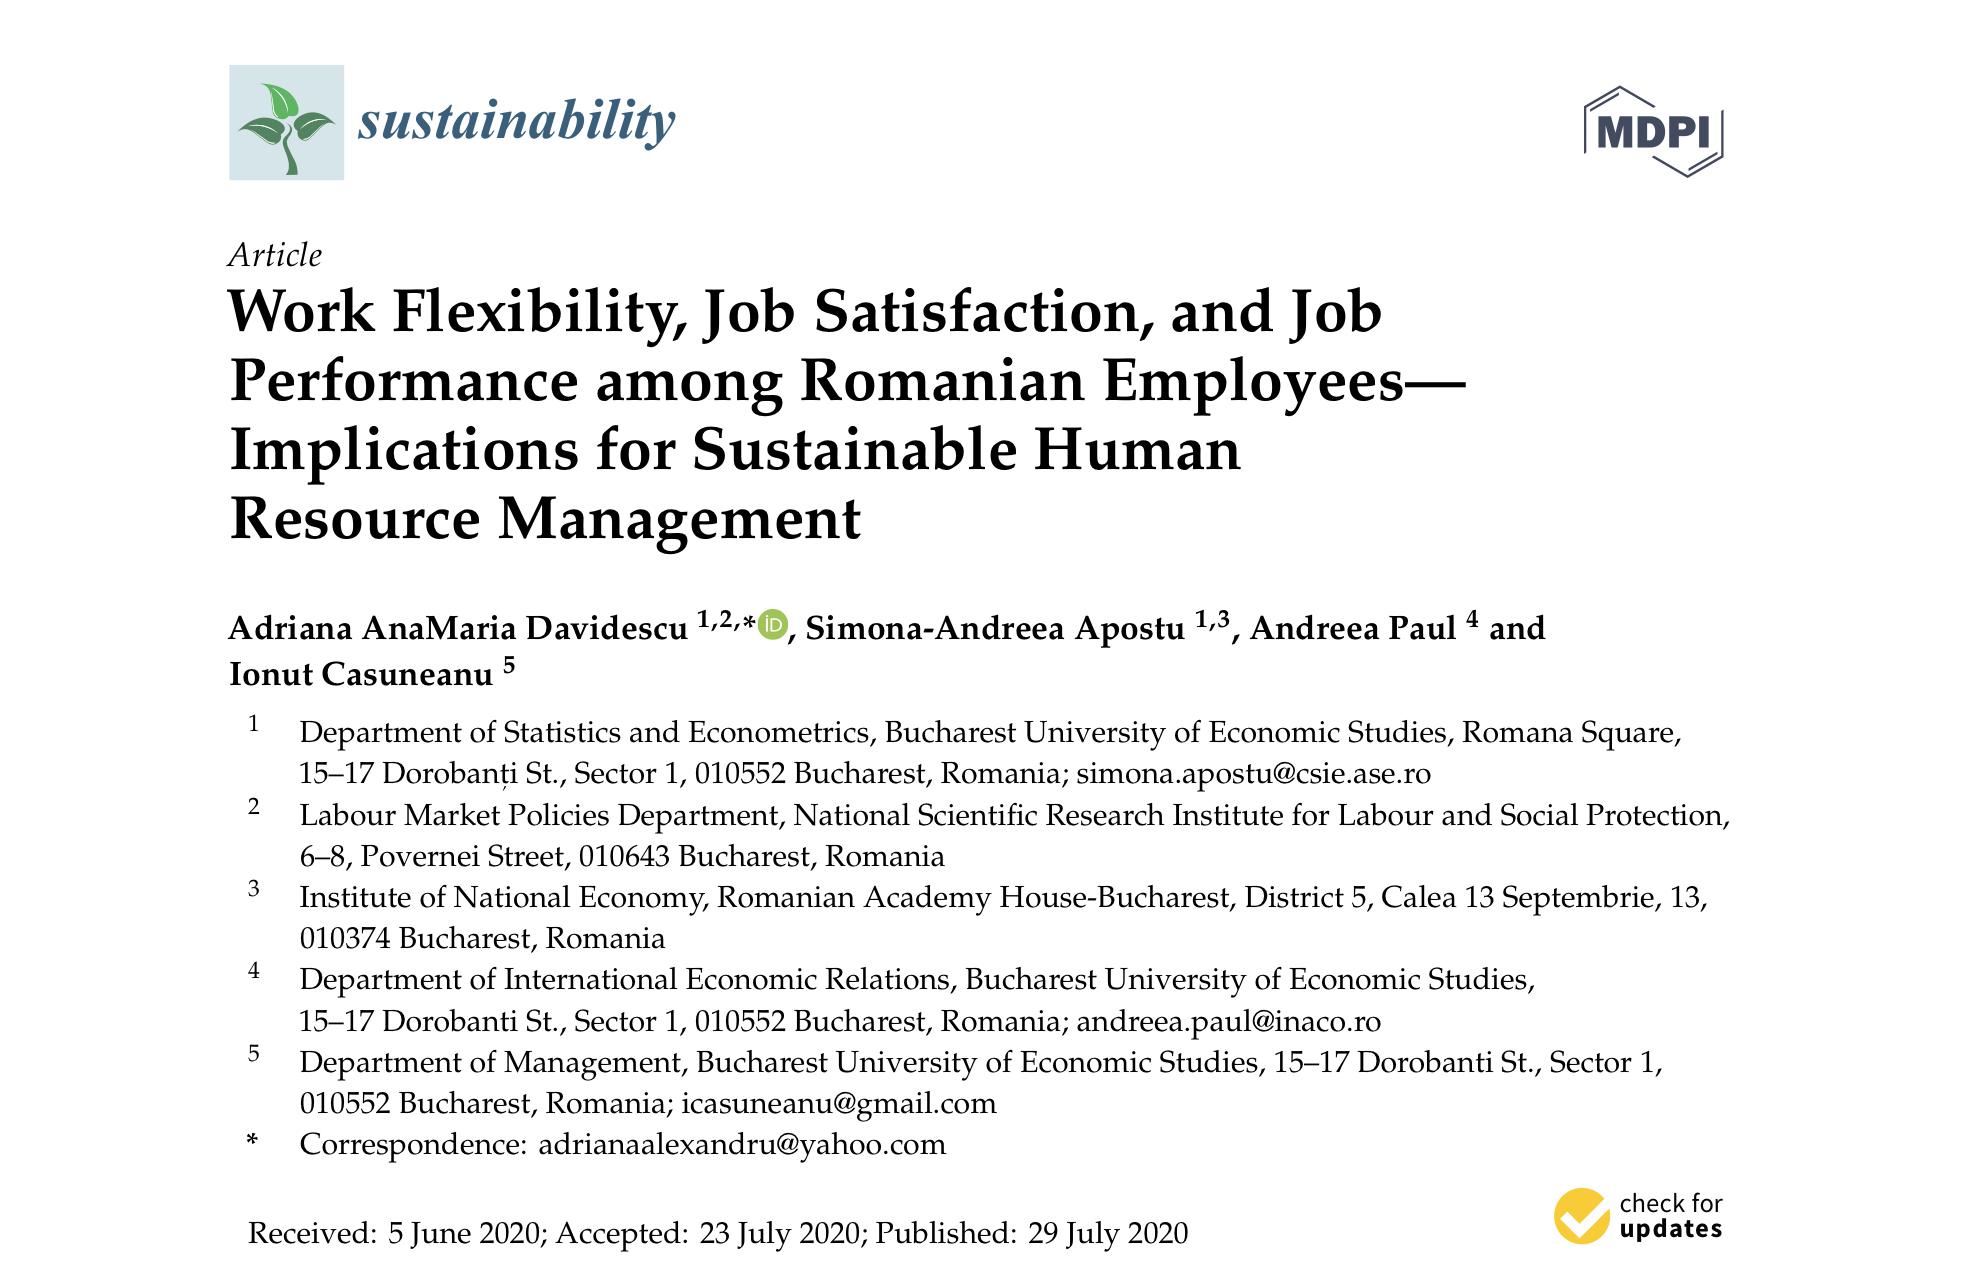 O echipă de cercetători români a creat un indice integrat al flexibilității muncii pentru companiile care vor să crească performanța și satisfacția angajaților